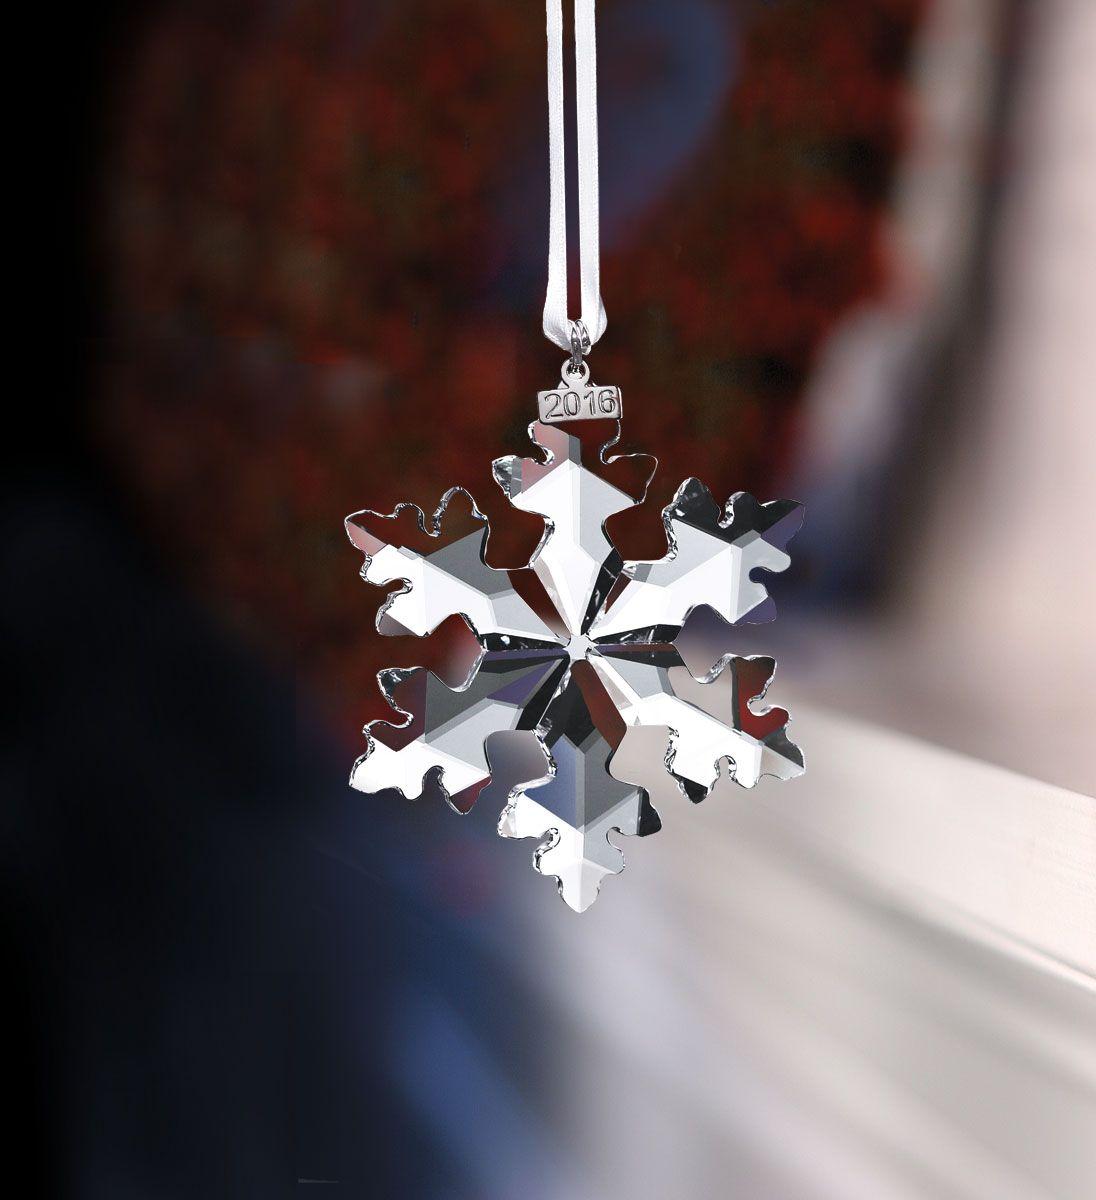 8a5d28932bdbf5 Swarovski 2016 Annual Edition Ornament